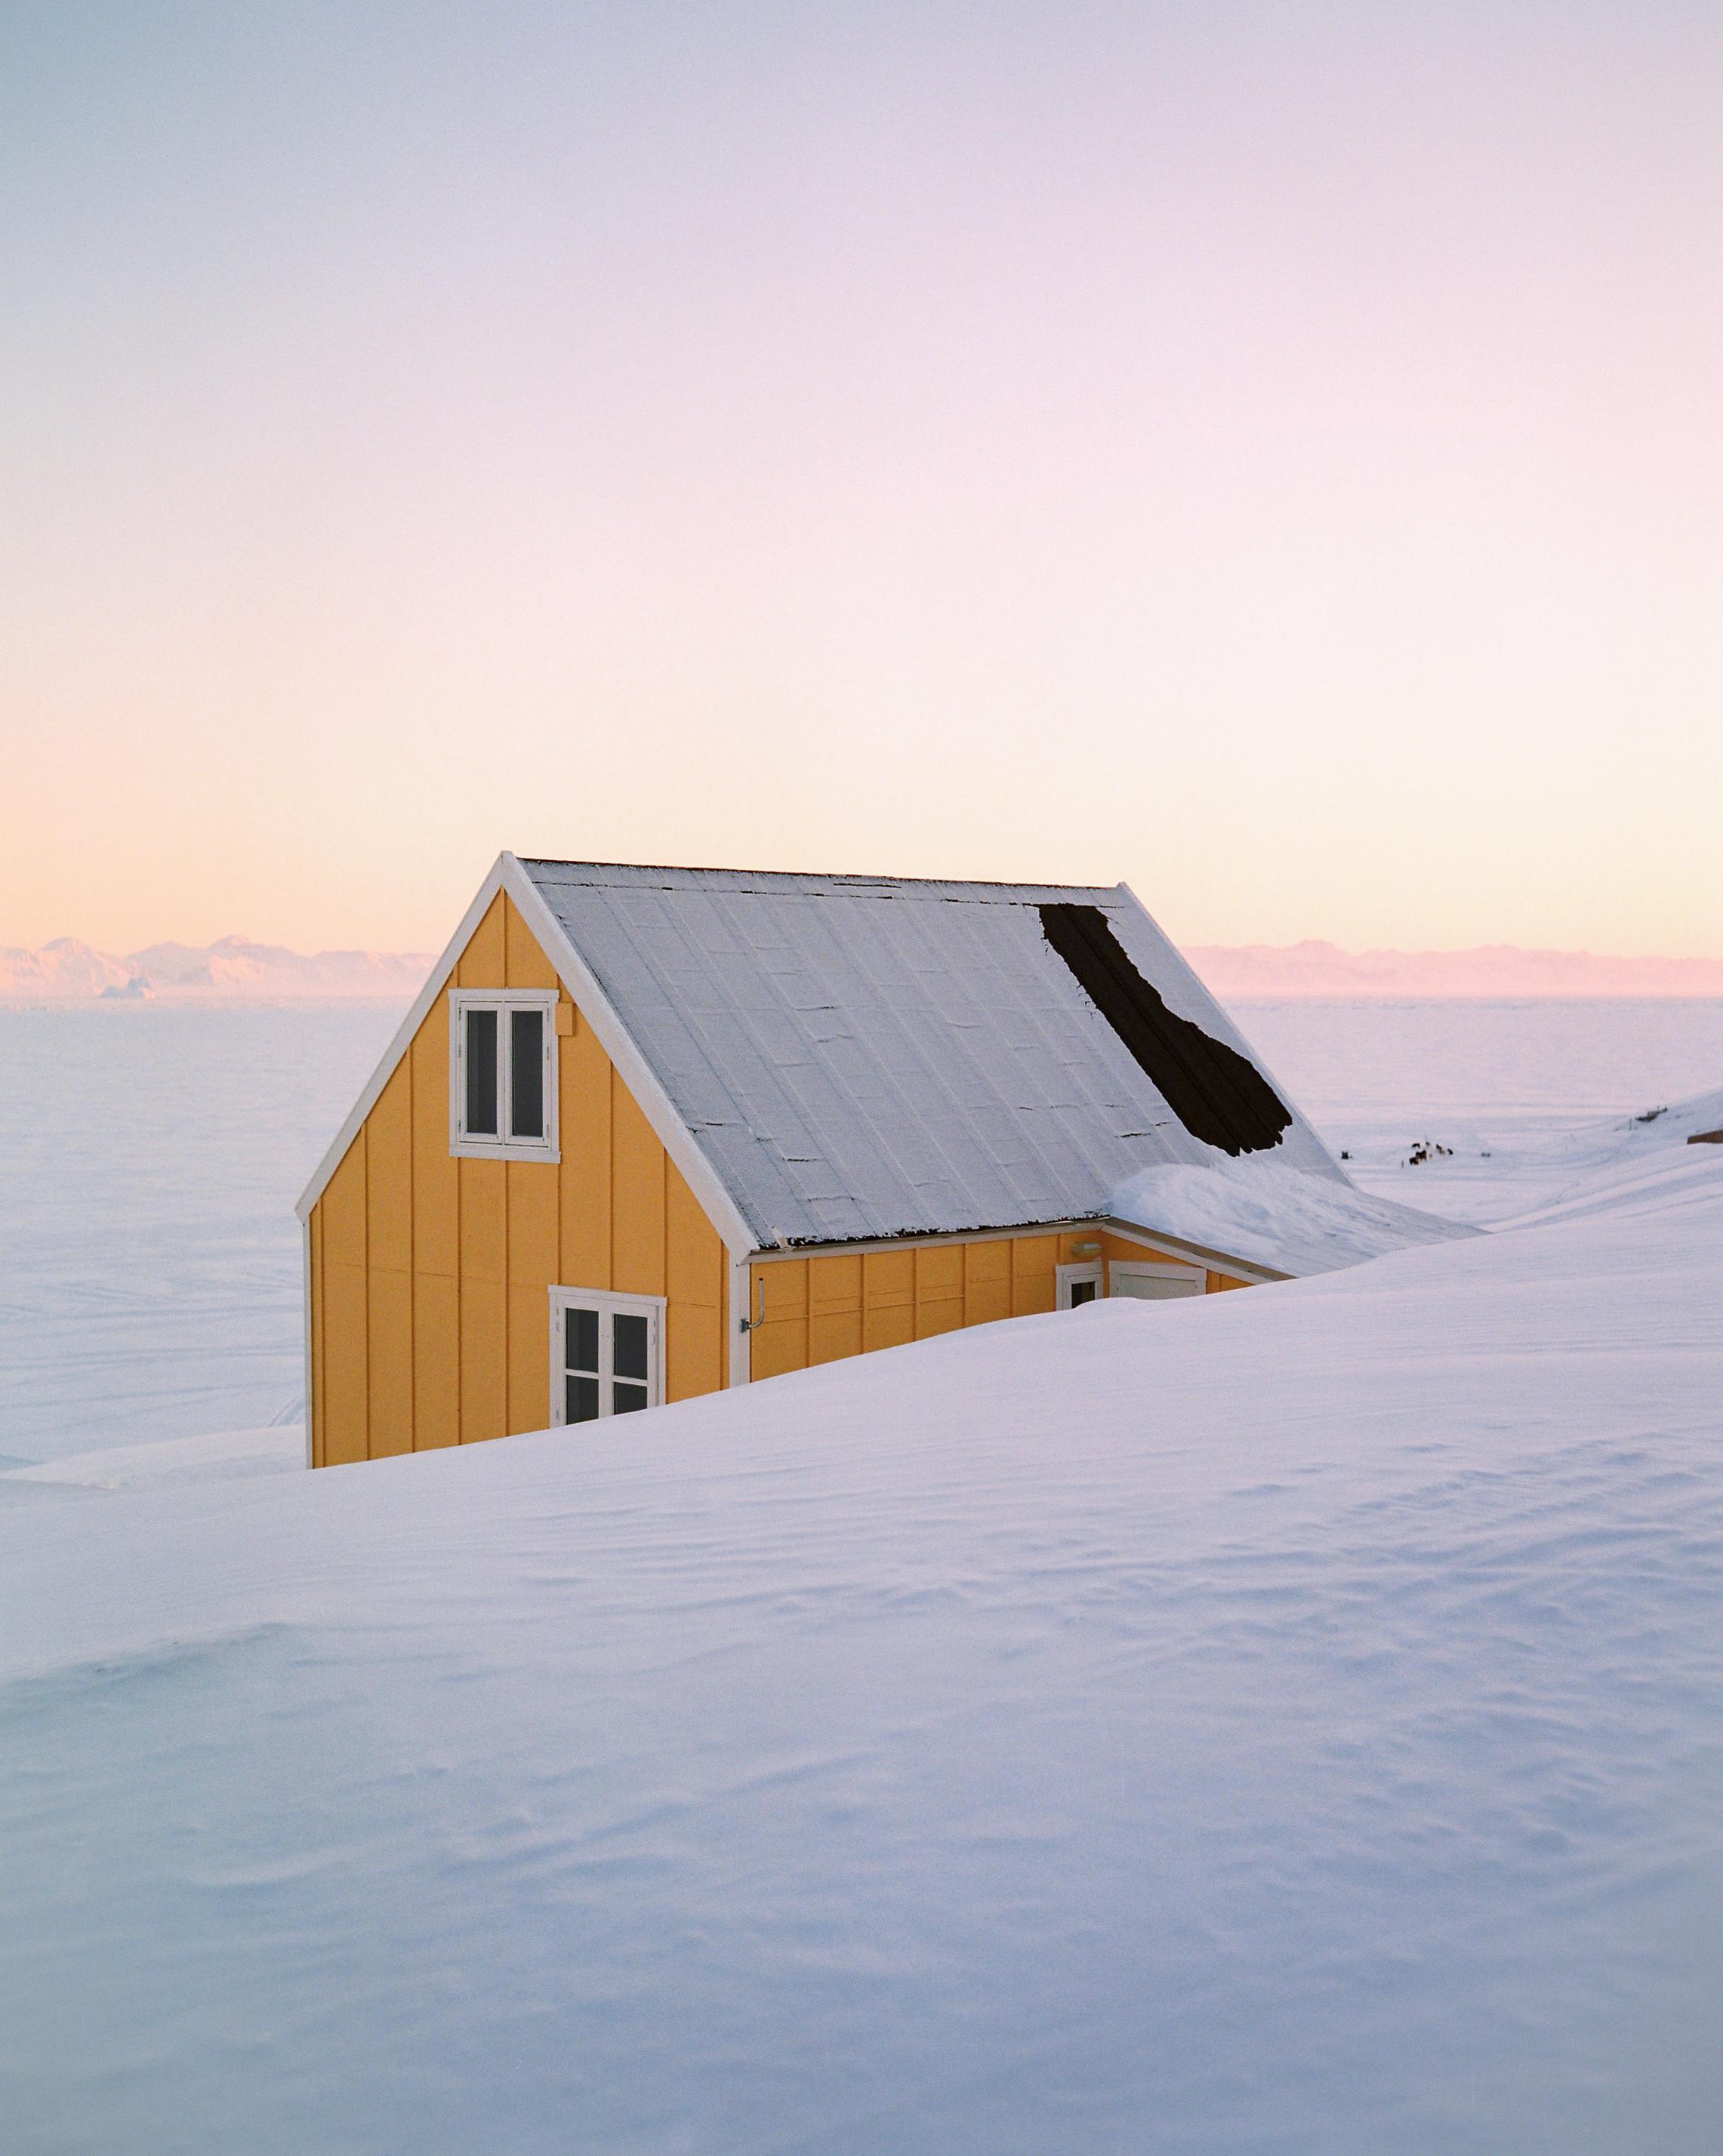 дом для арктики фото сотрудников принимать